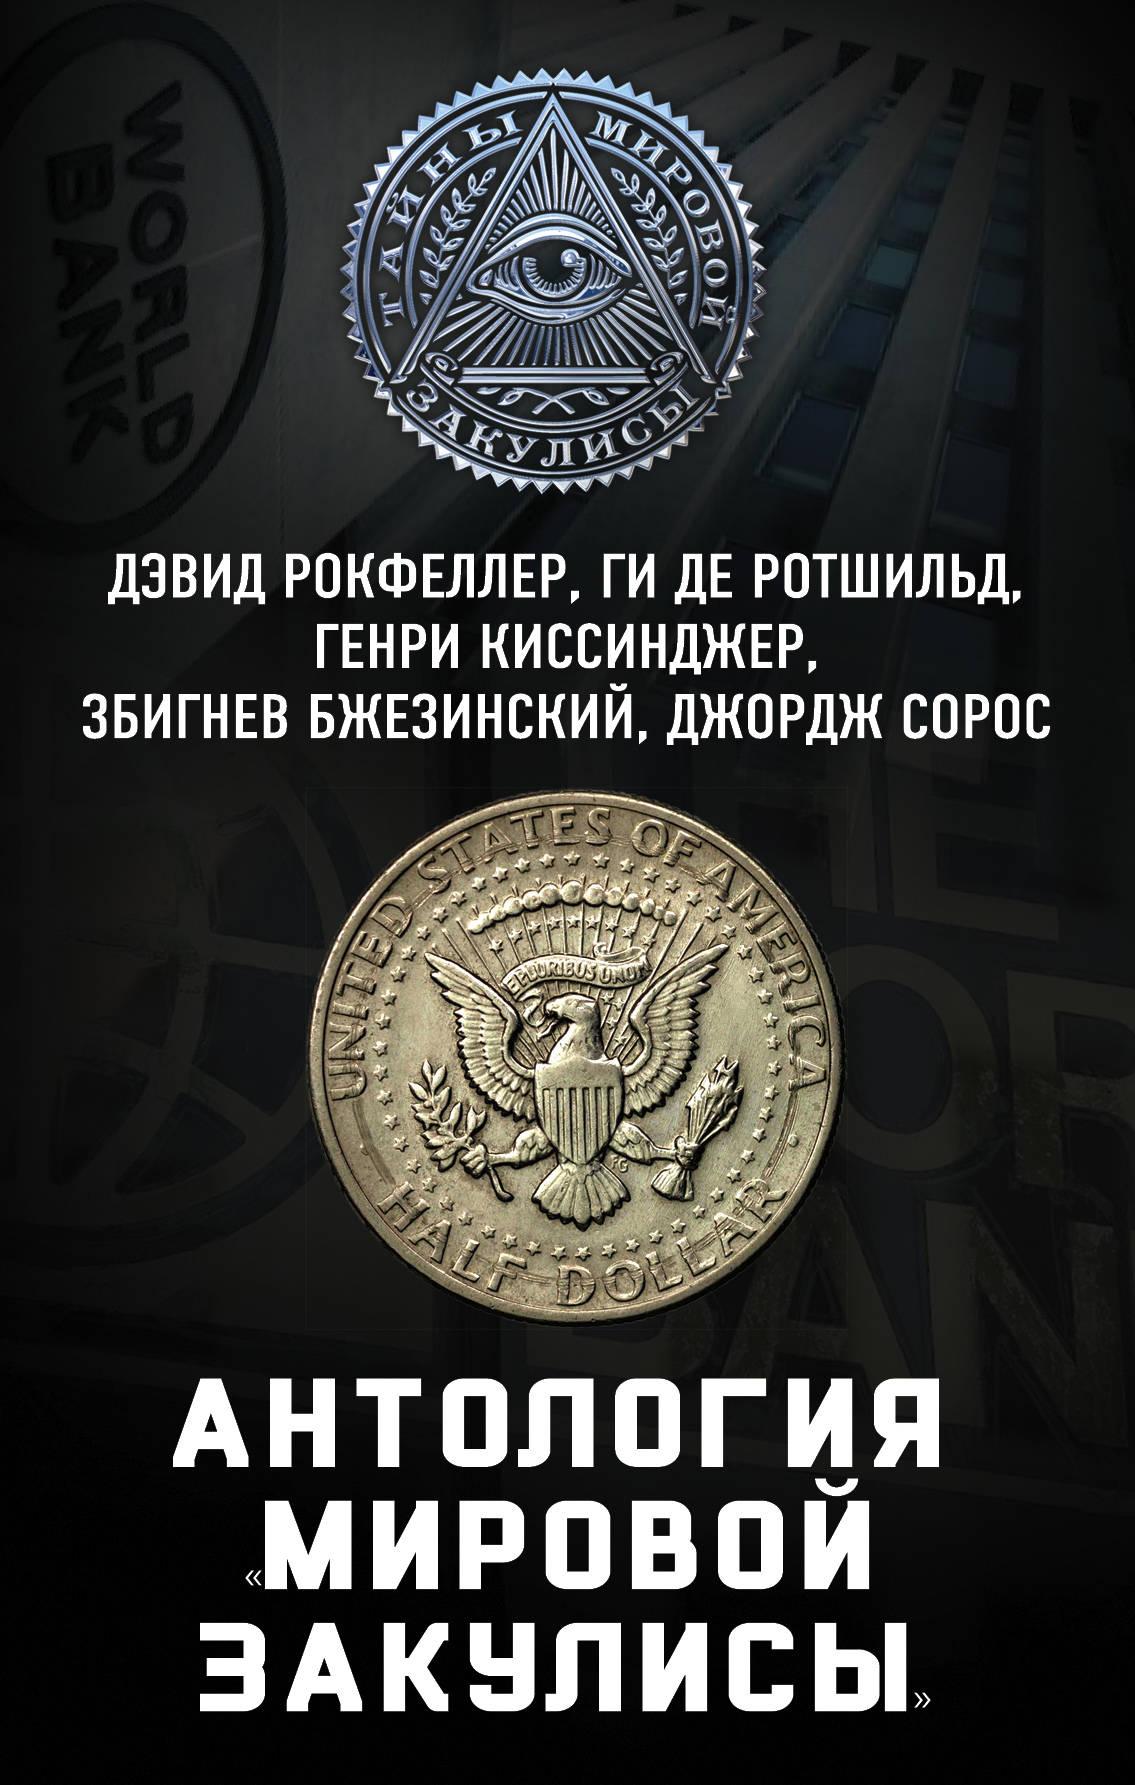 Дэвид Рокфеллер Антология «мировой закулисы»